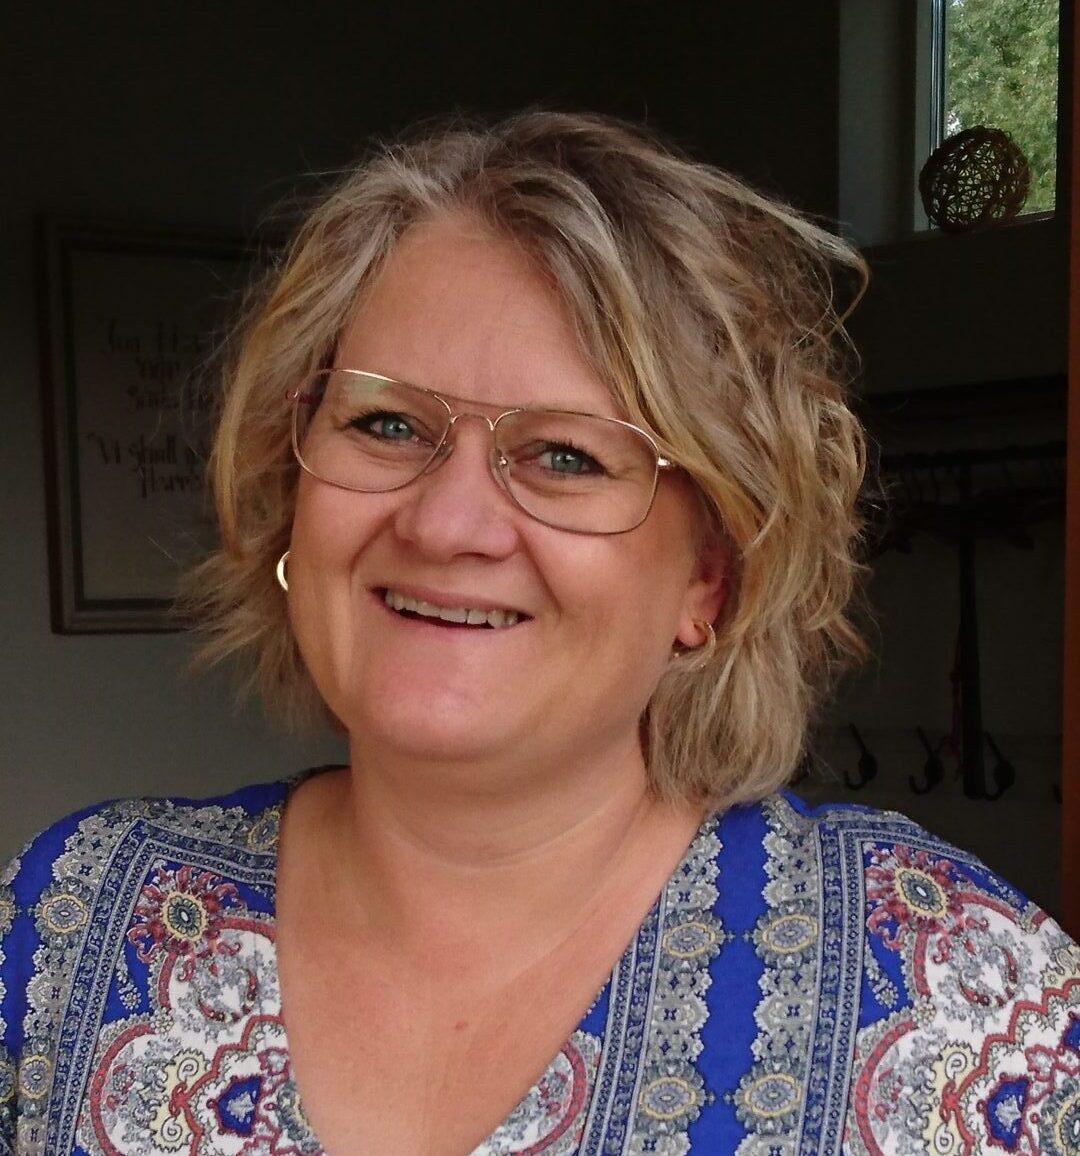 Sara Blinge